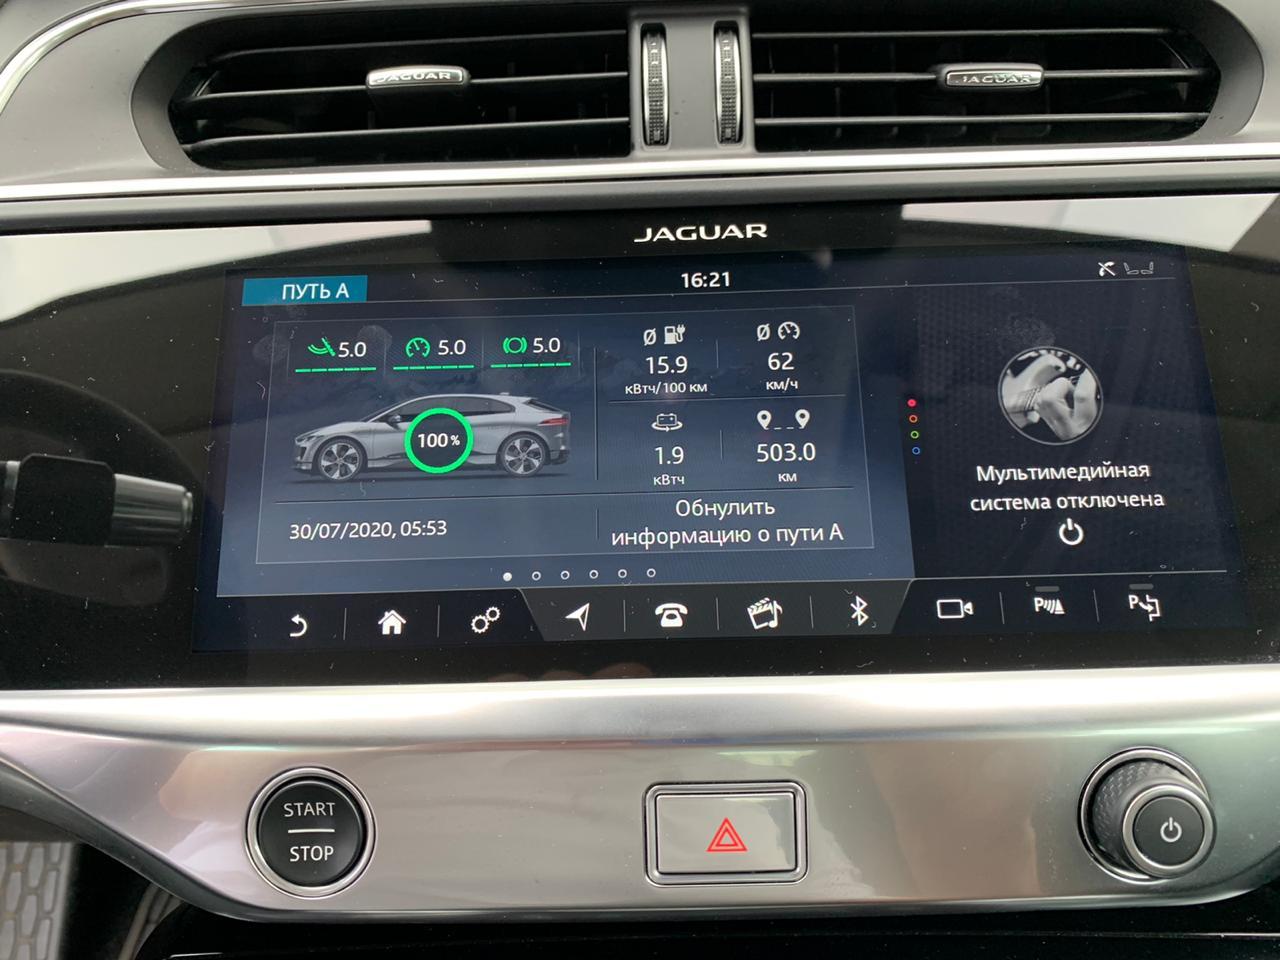 Отделение Jaguar Land Rover Россия решило проверить запас хода электрокара Jaguar I-Pace в реальных условиях, и результаты впечатляют: кроссовер превысил официальный пробег на одной зарядке.